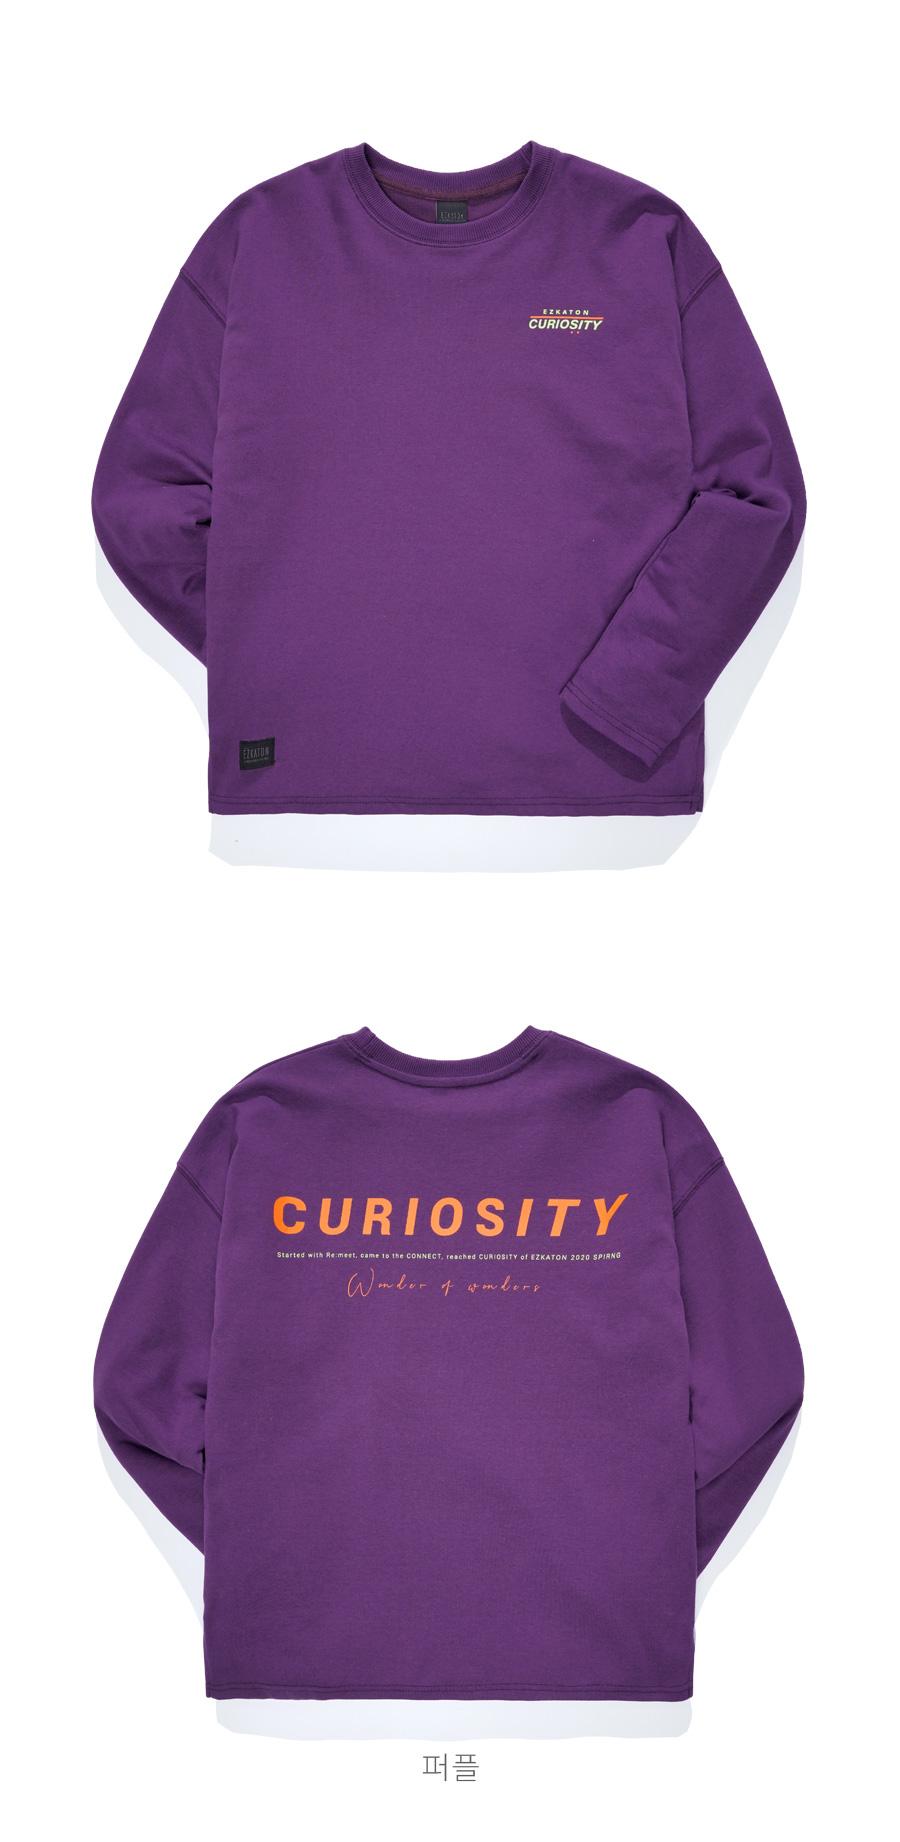 20200220_ez_wonder_detail_purple_lm_01.jpg